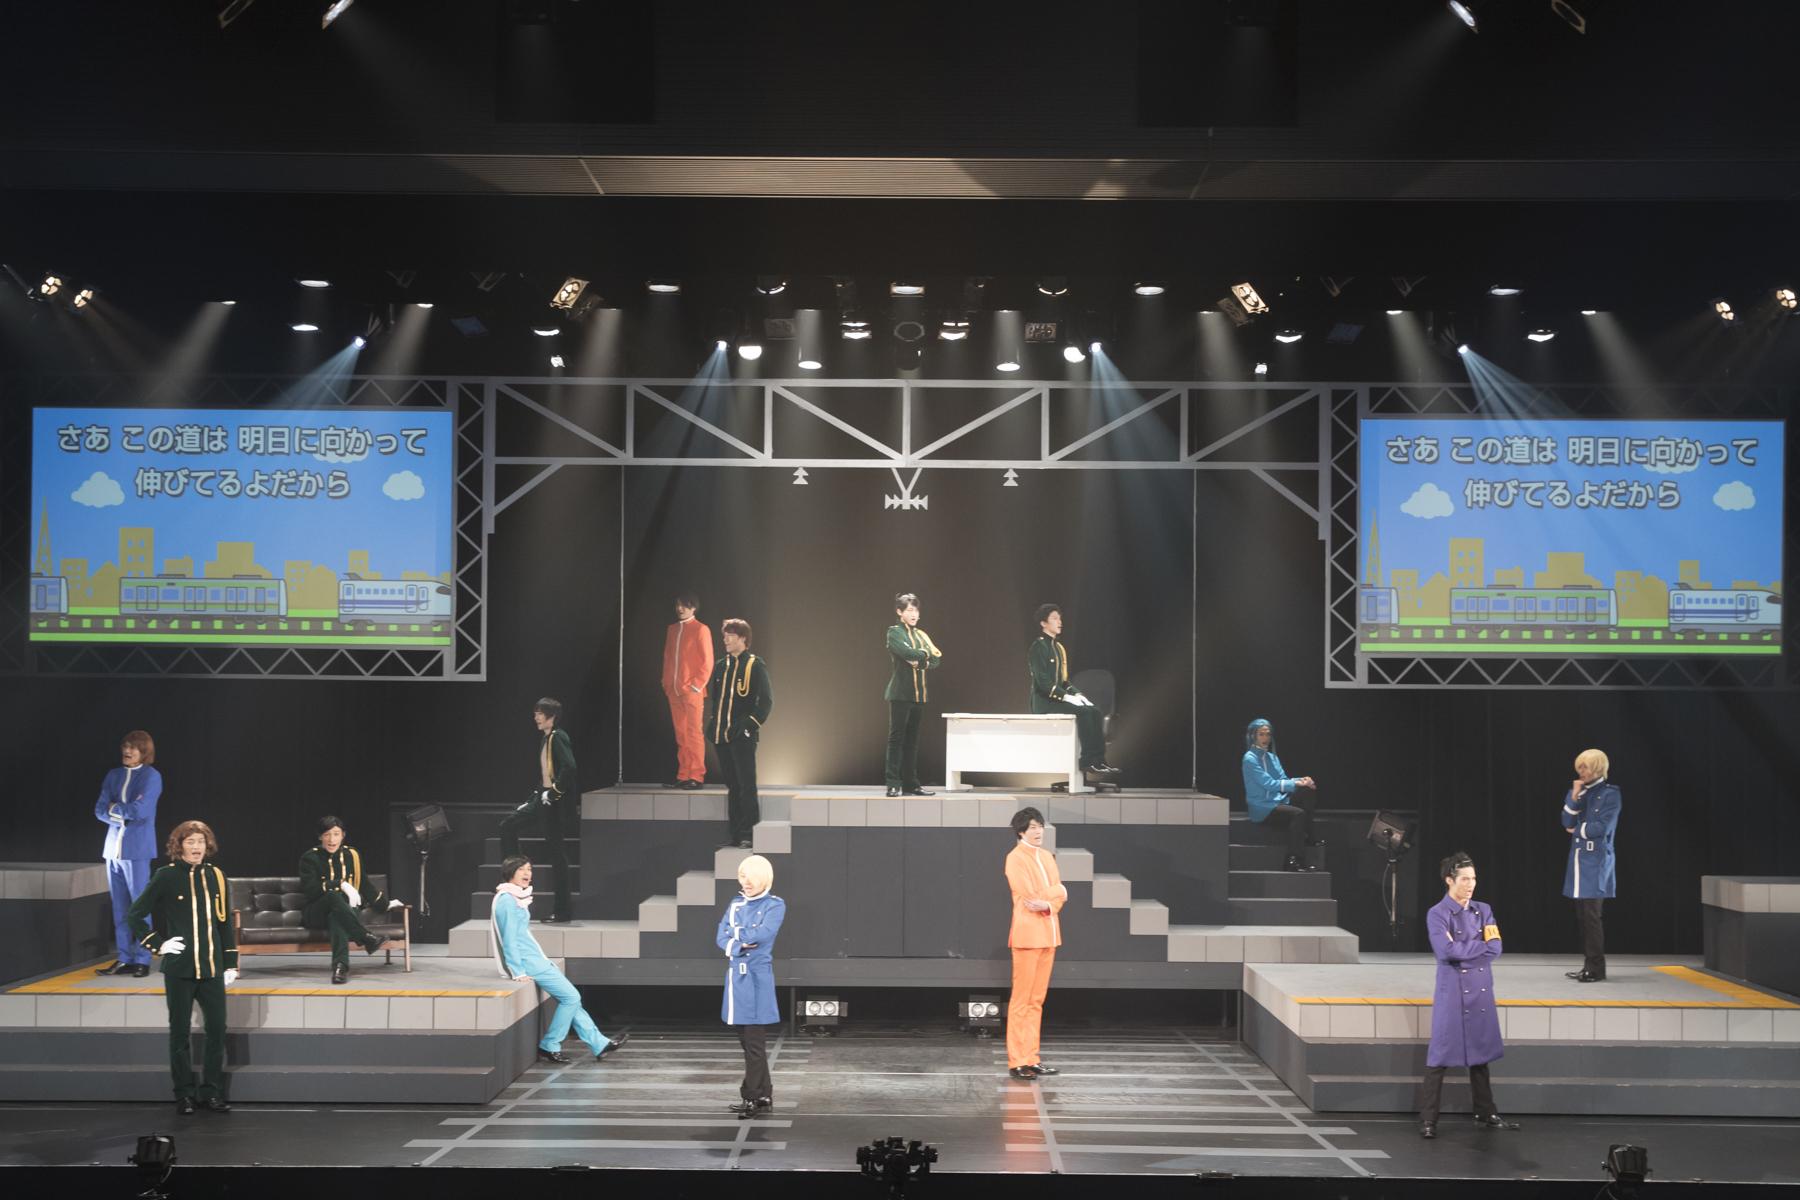 ゲネプロの模様 (C)青春 (C)ミュージカル『青春鉄道』製作委員会